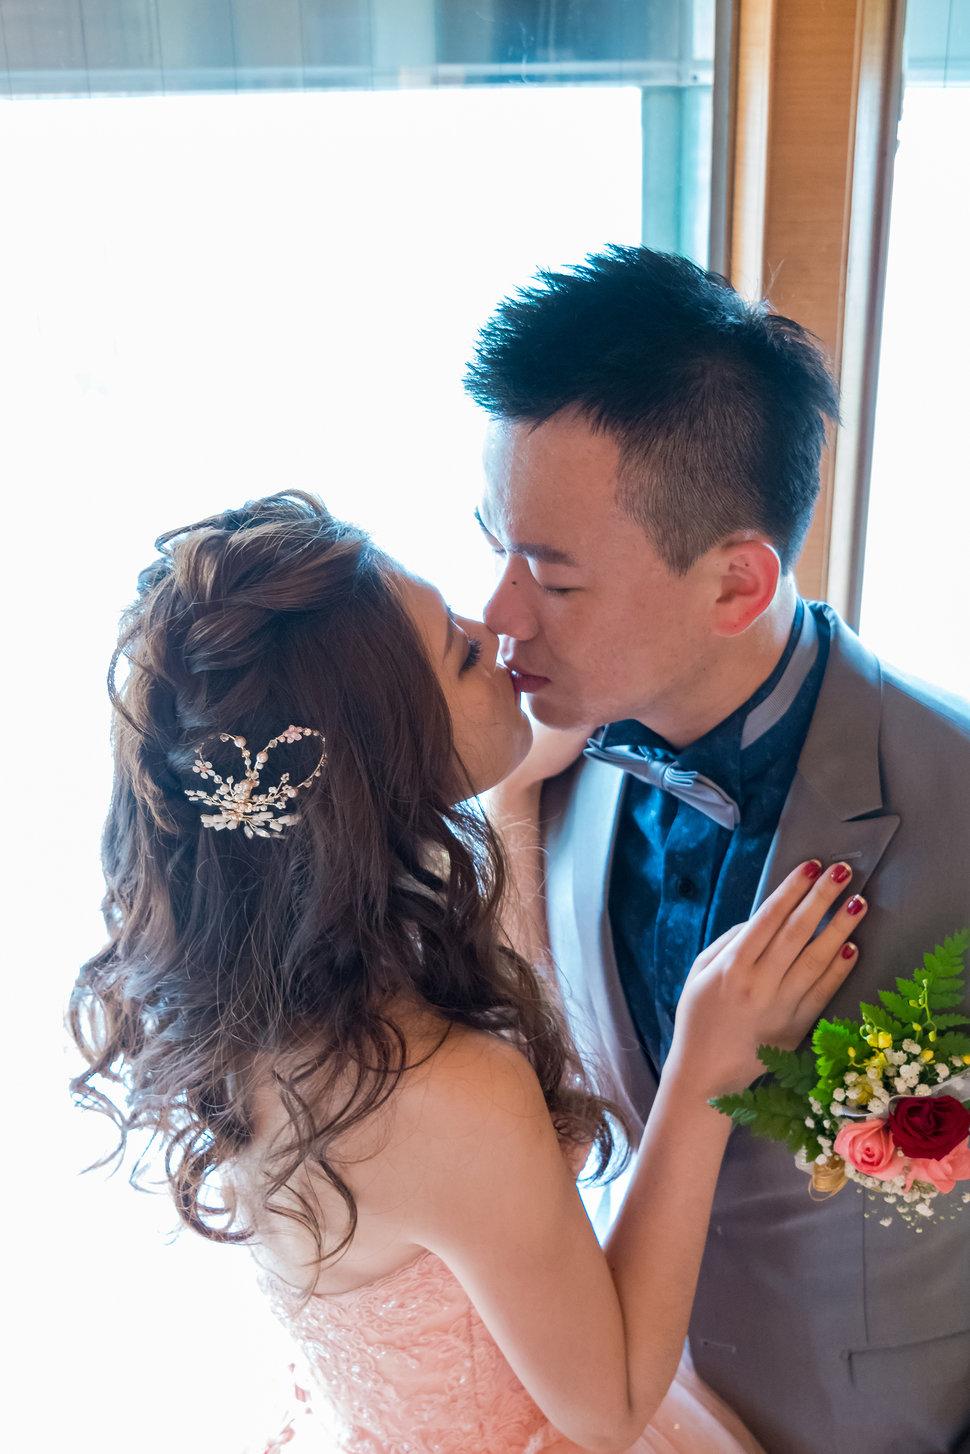 敏詣 & 世妍 補請 婚禮紀錄(編號:432968) - GI 影力 影像工作室 - 結婚吧一站式婚禮服務平台